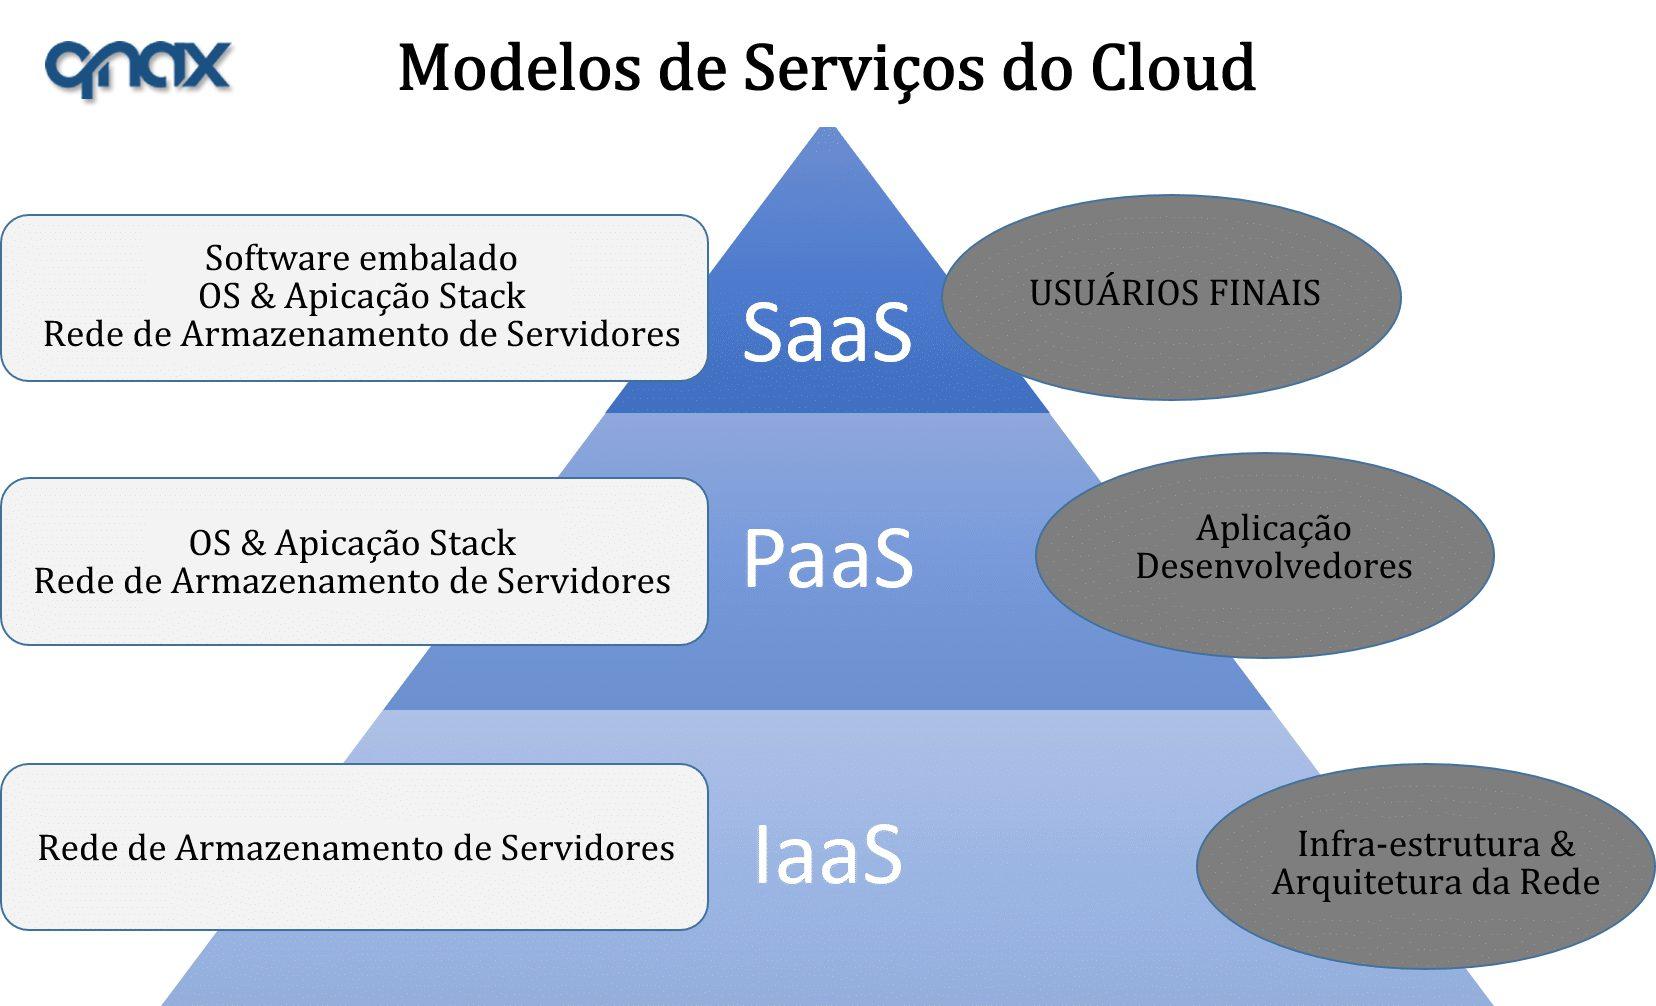 Modelo de Serviços da Computação em nuvem